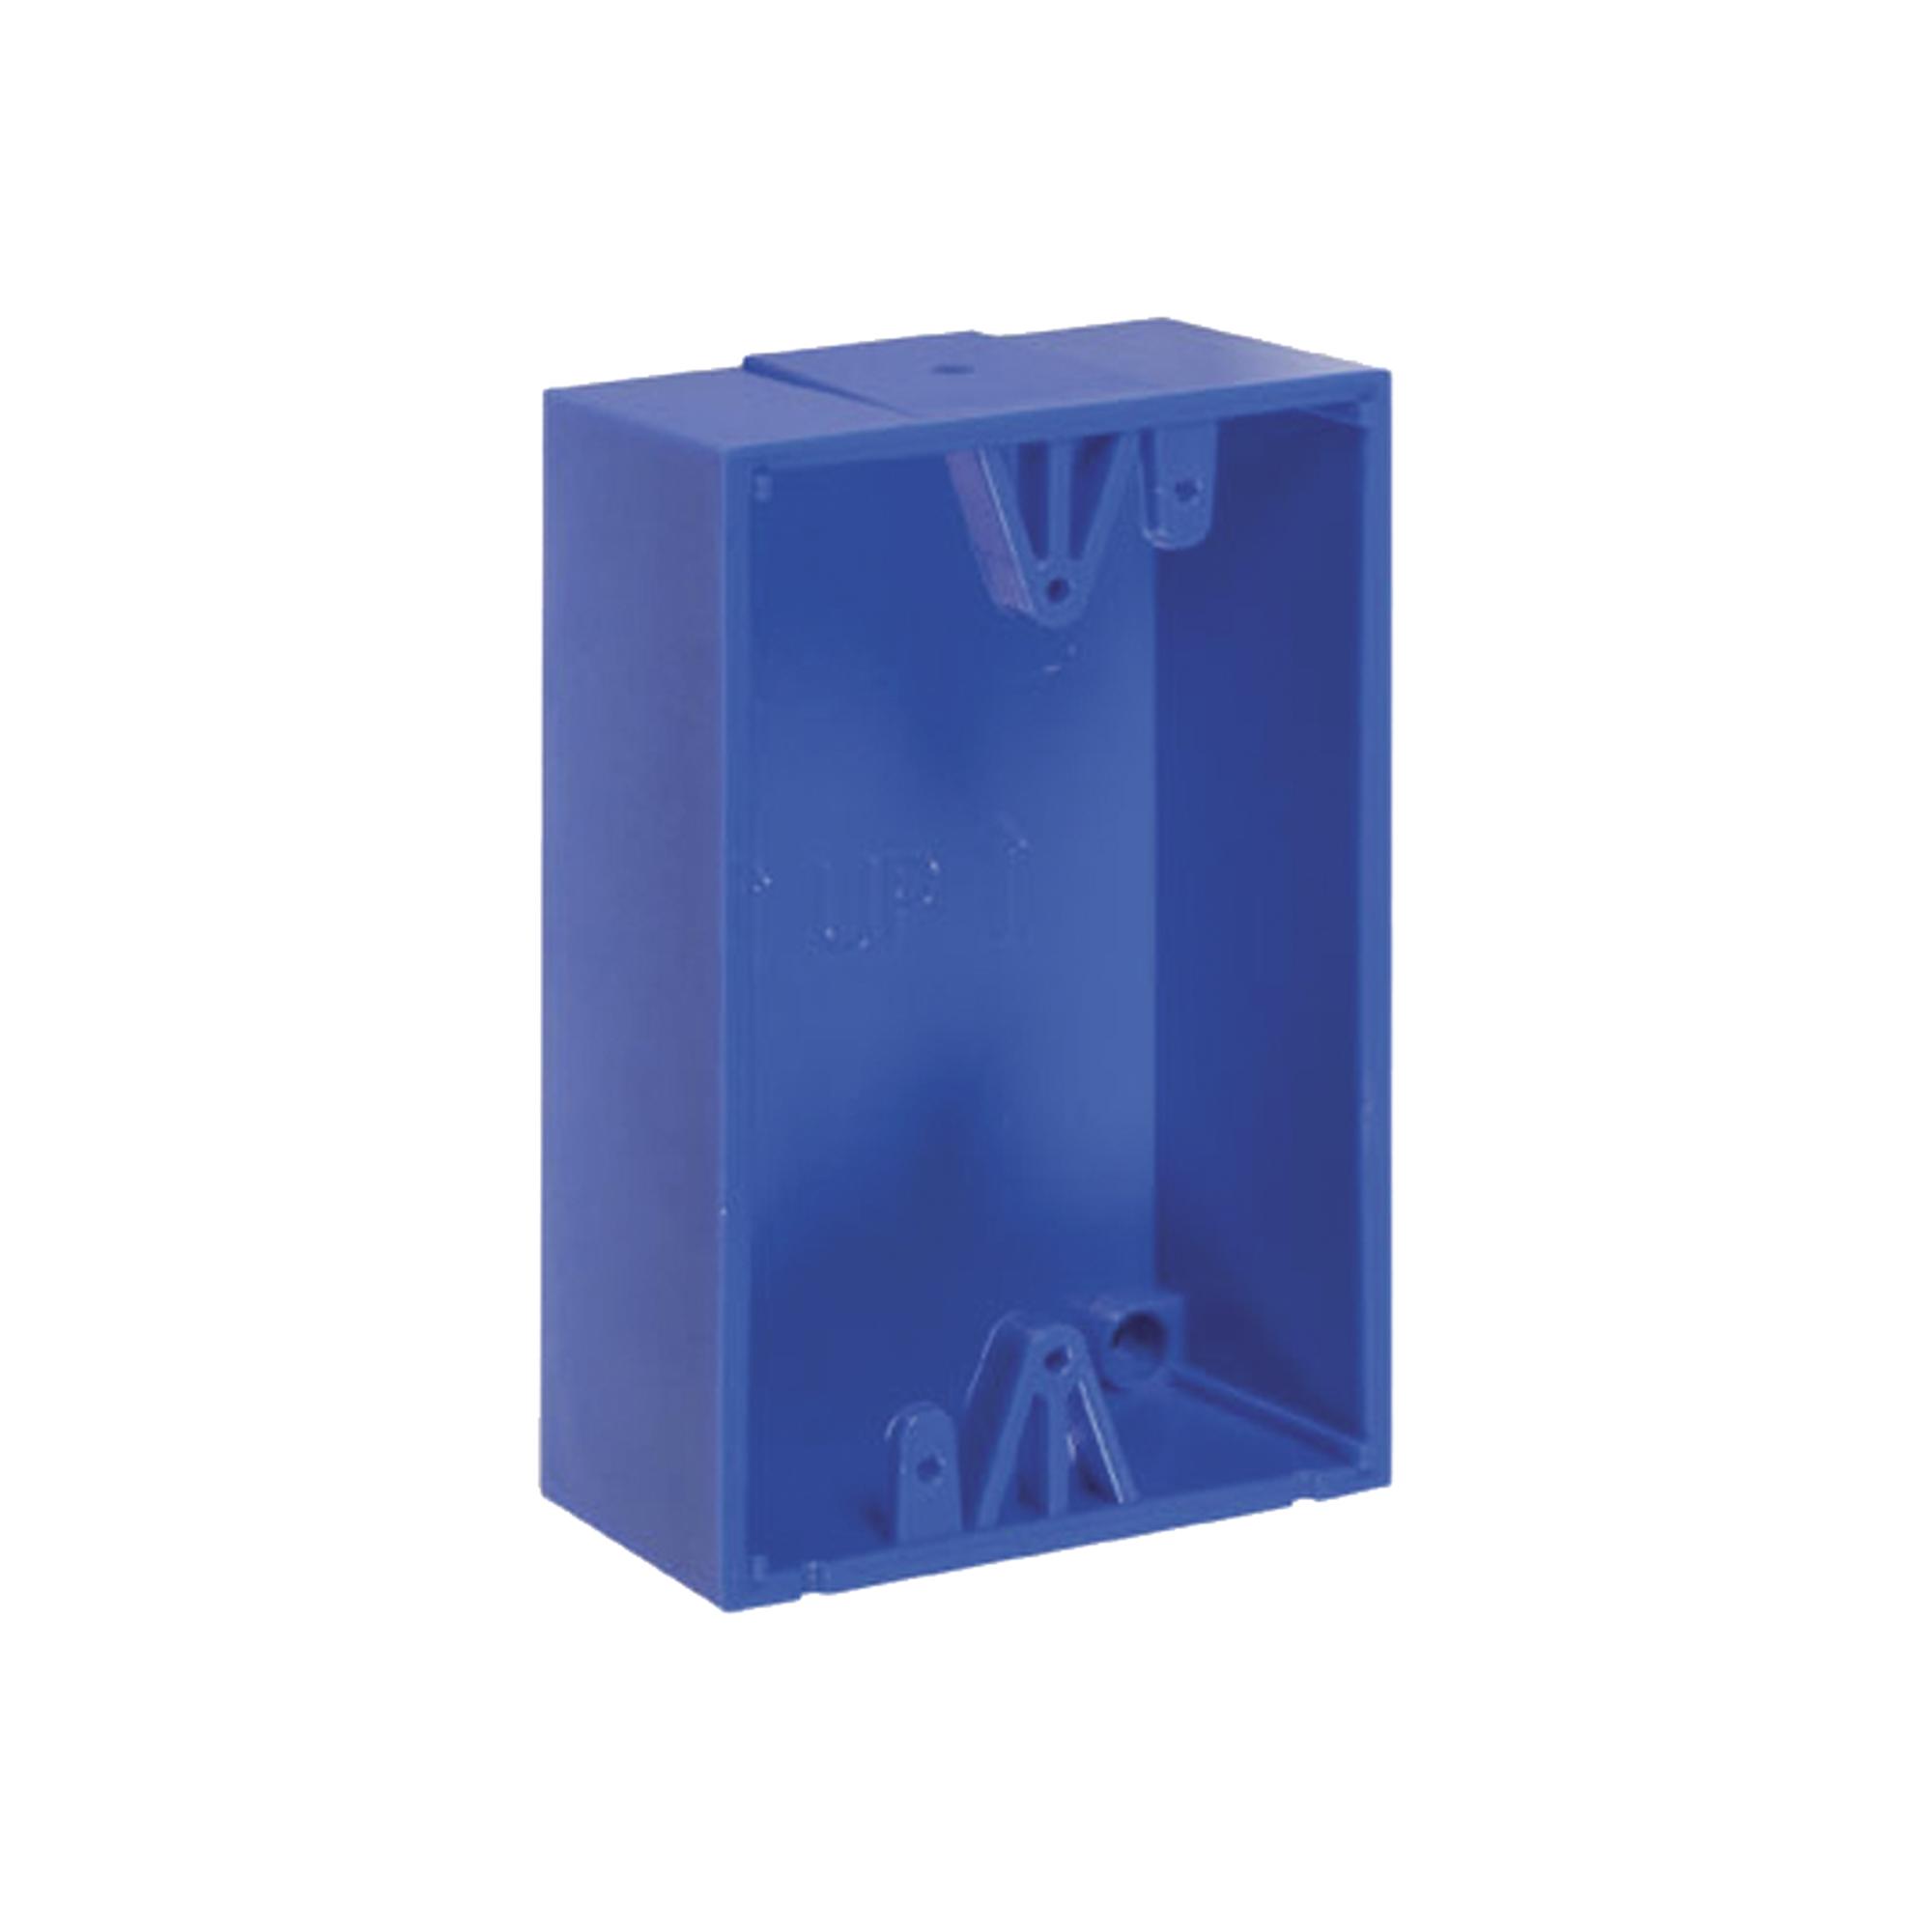 Caja de Montaje Color Azul para Botones de Emergencia STI